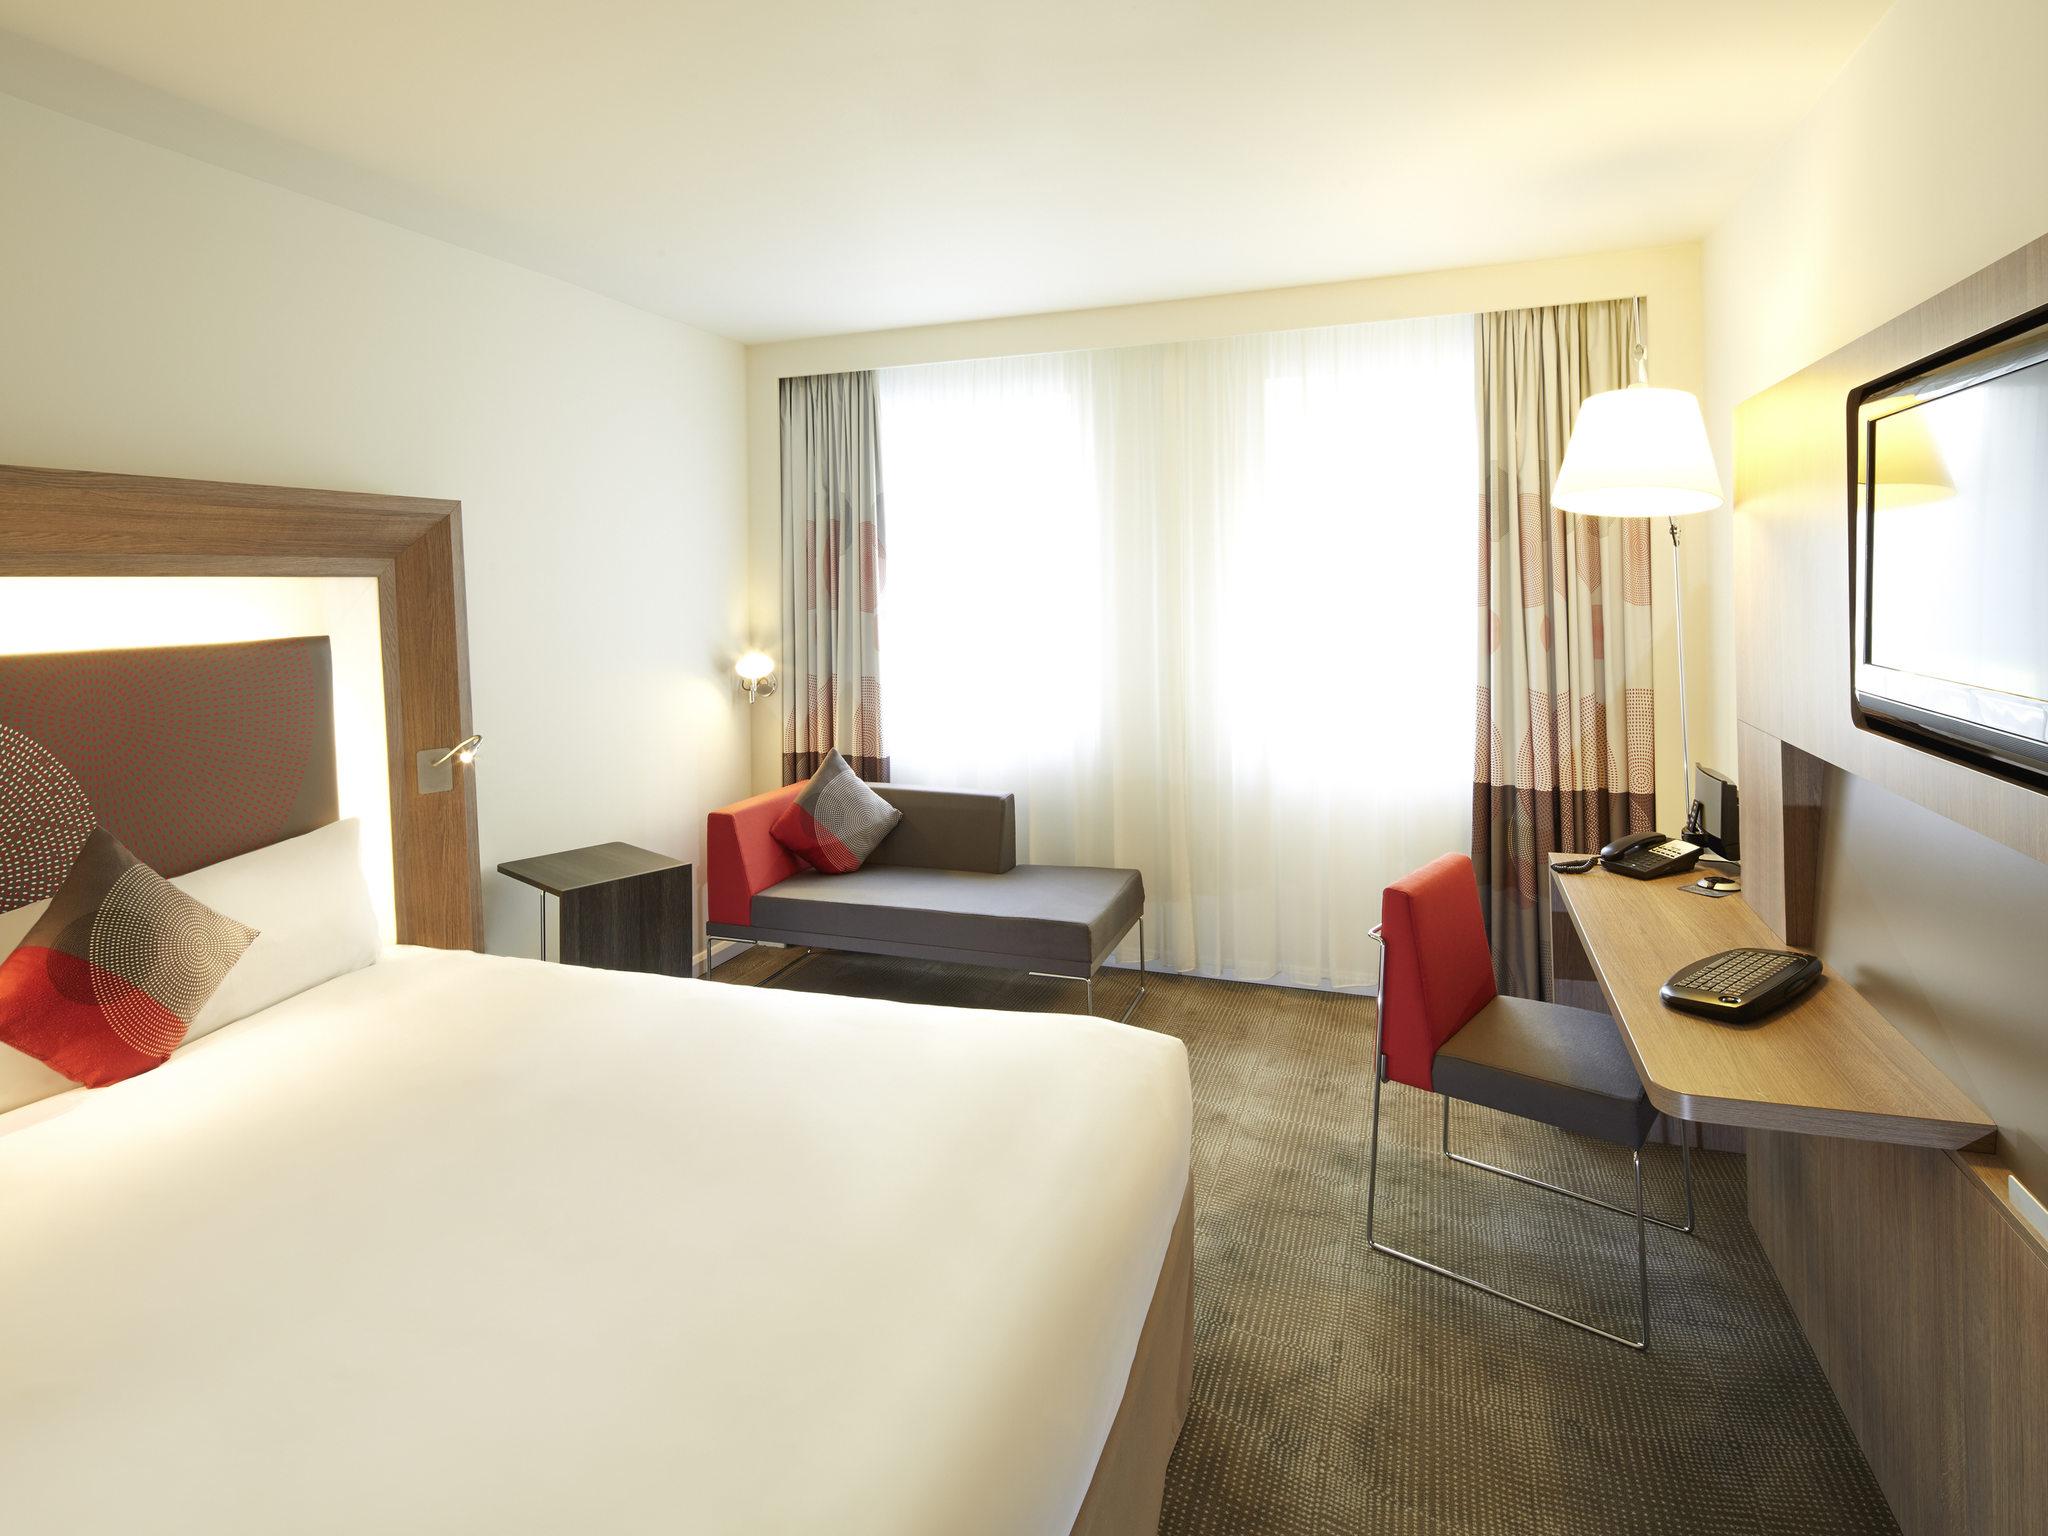 酒店 – 诺丁汉德比诺富特酒店